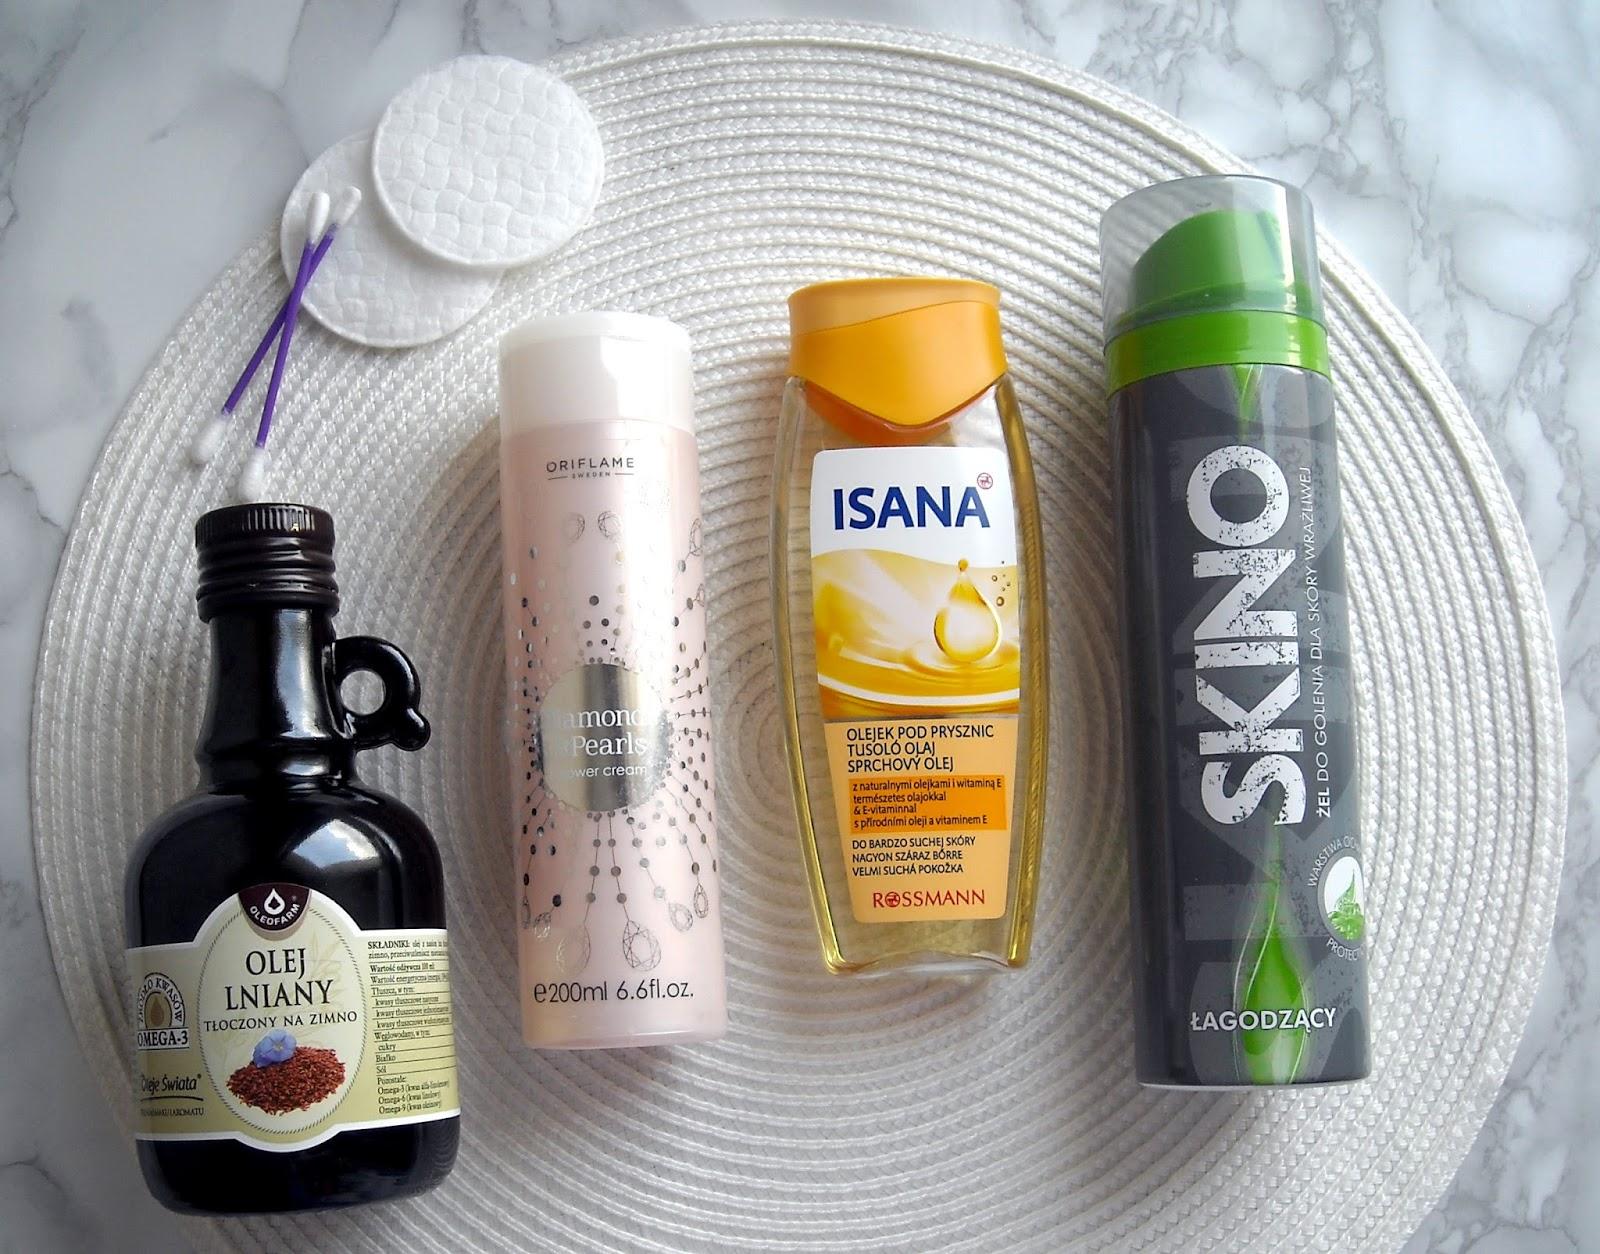 Denko kosmetyczne - olej lniany, krem pod prysznic Oriflame, Isana olejek pod prysznic i żel do golenia Skino